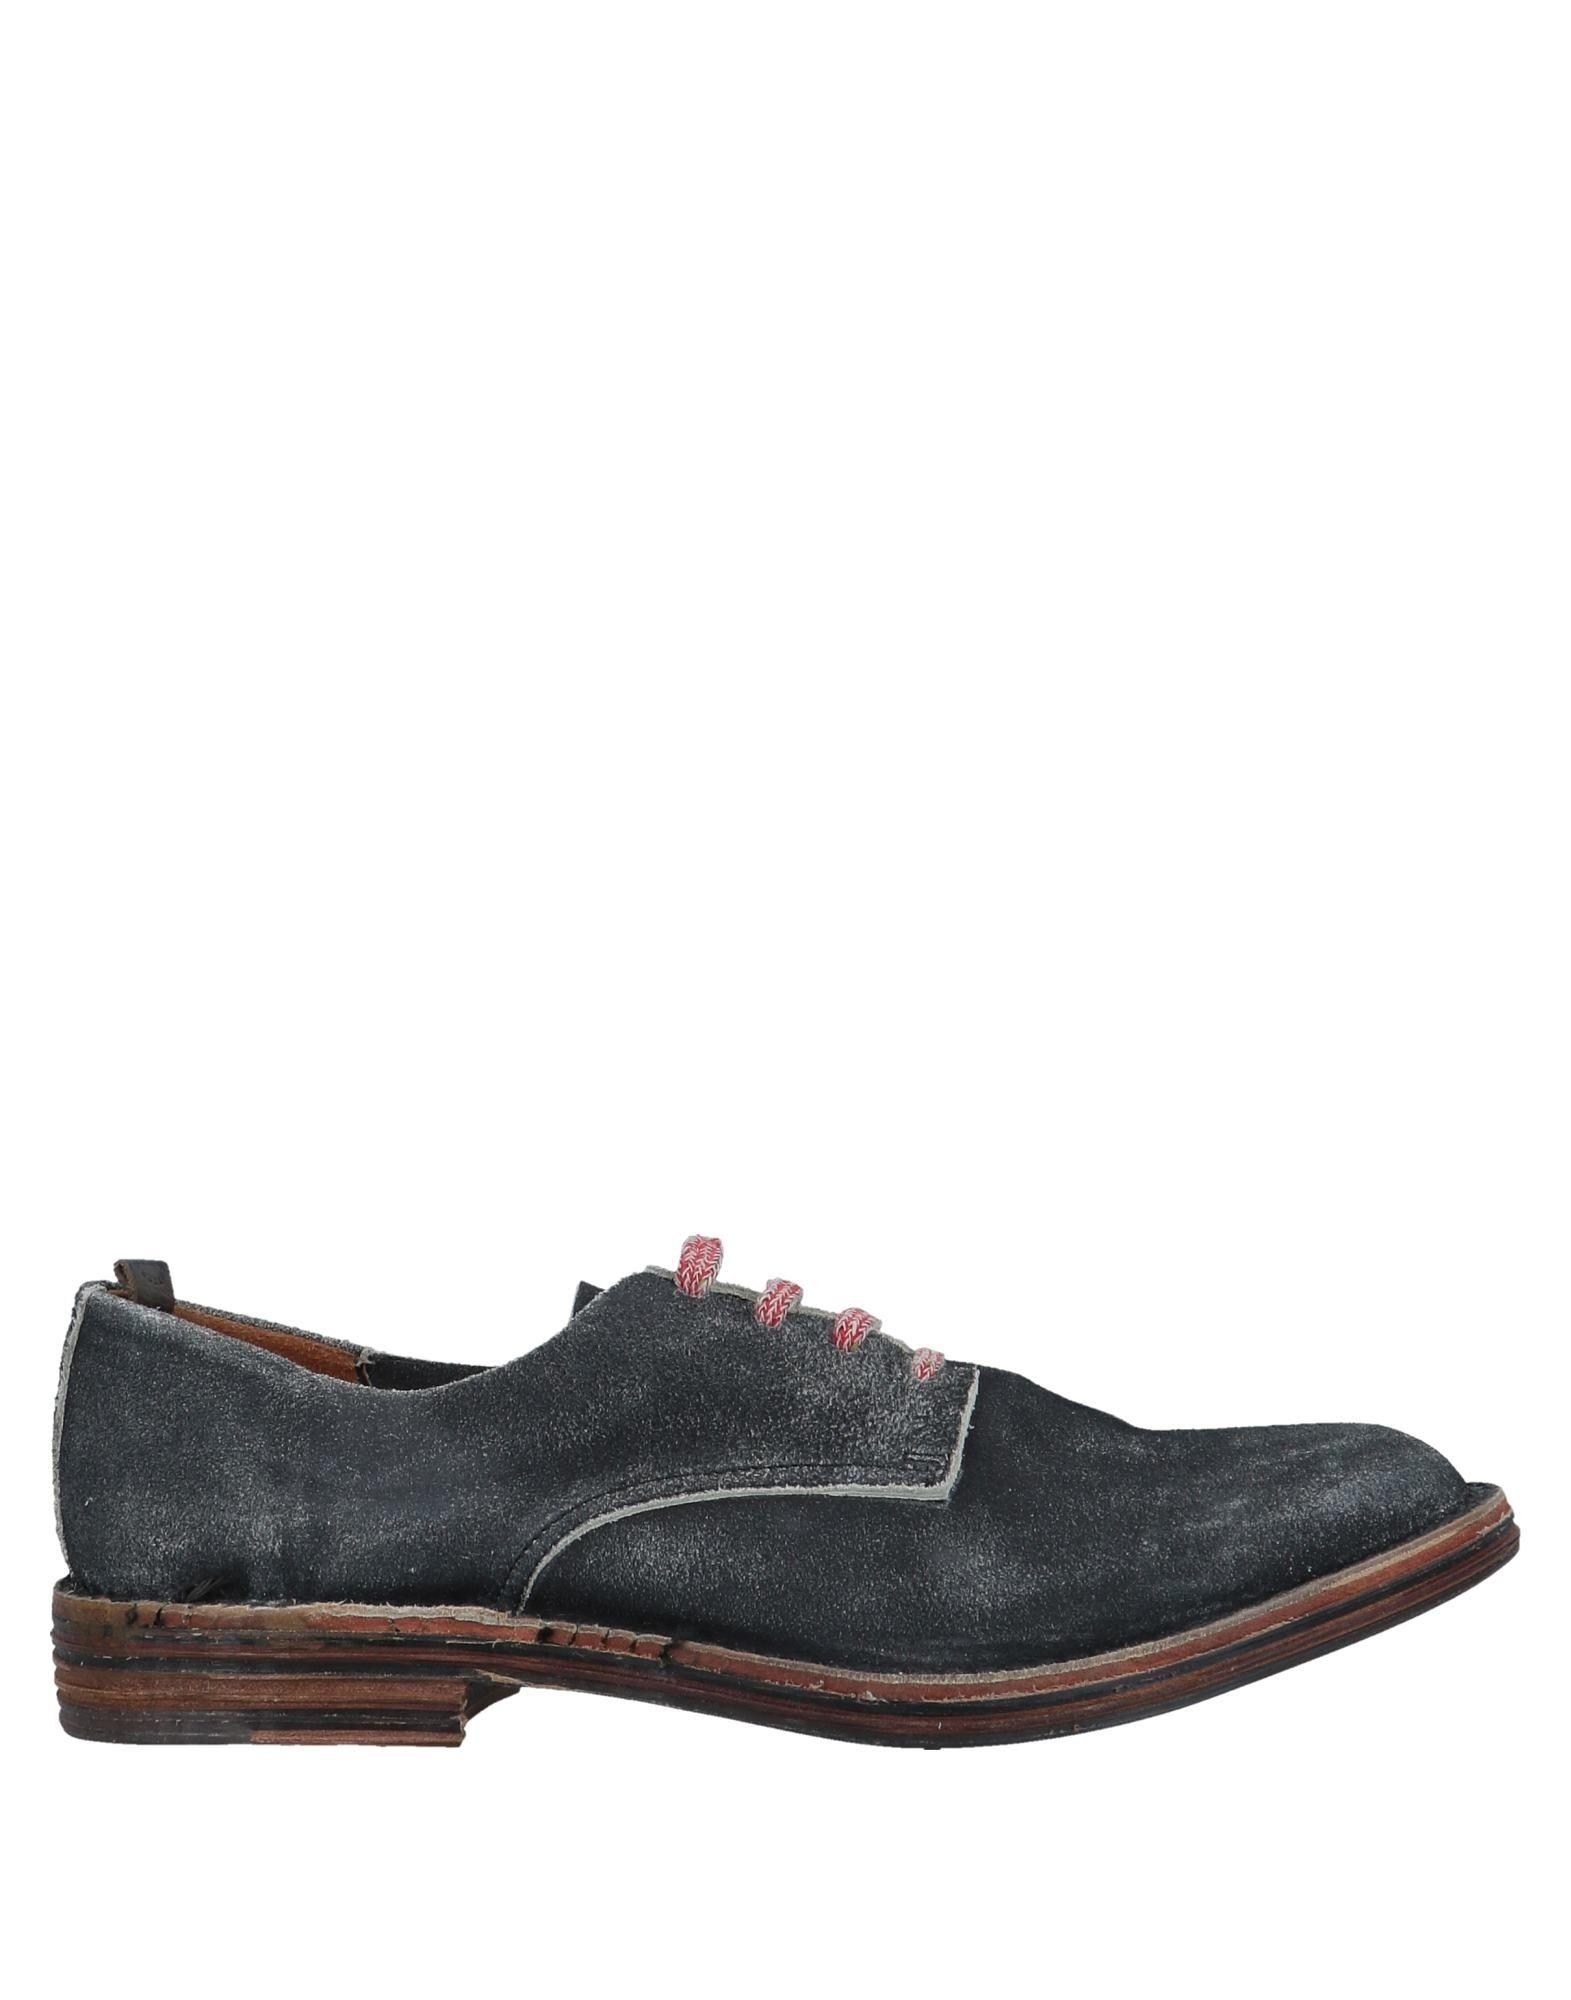 Buttero® Gute Schnürschuhe Herren  11556920WK Gute Buttero® Qualität beliebte Schuhe a7f84a